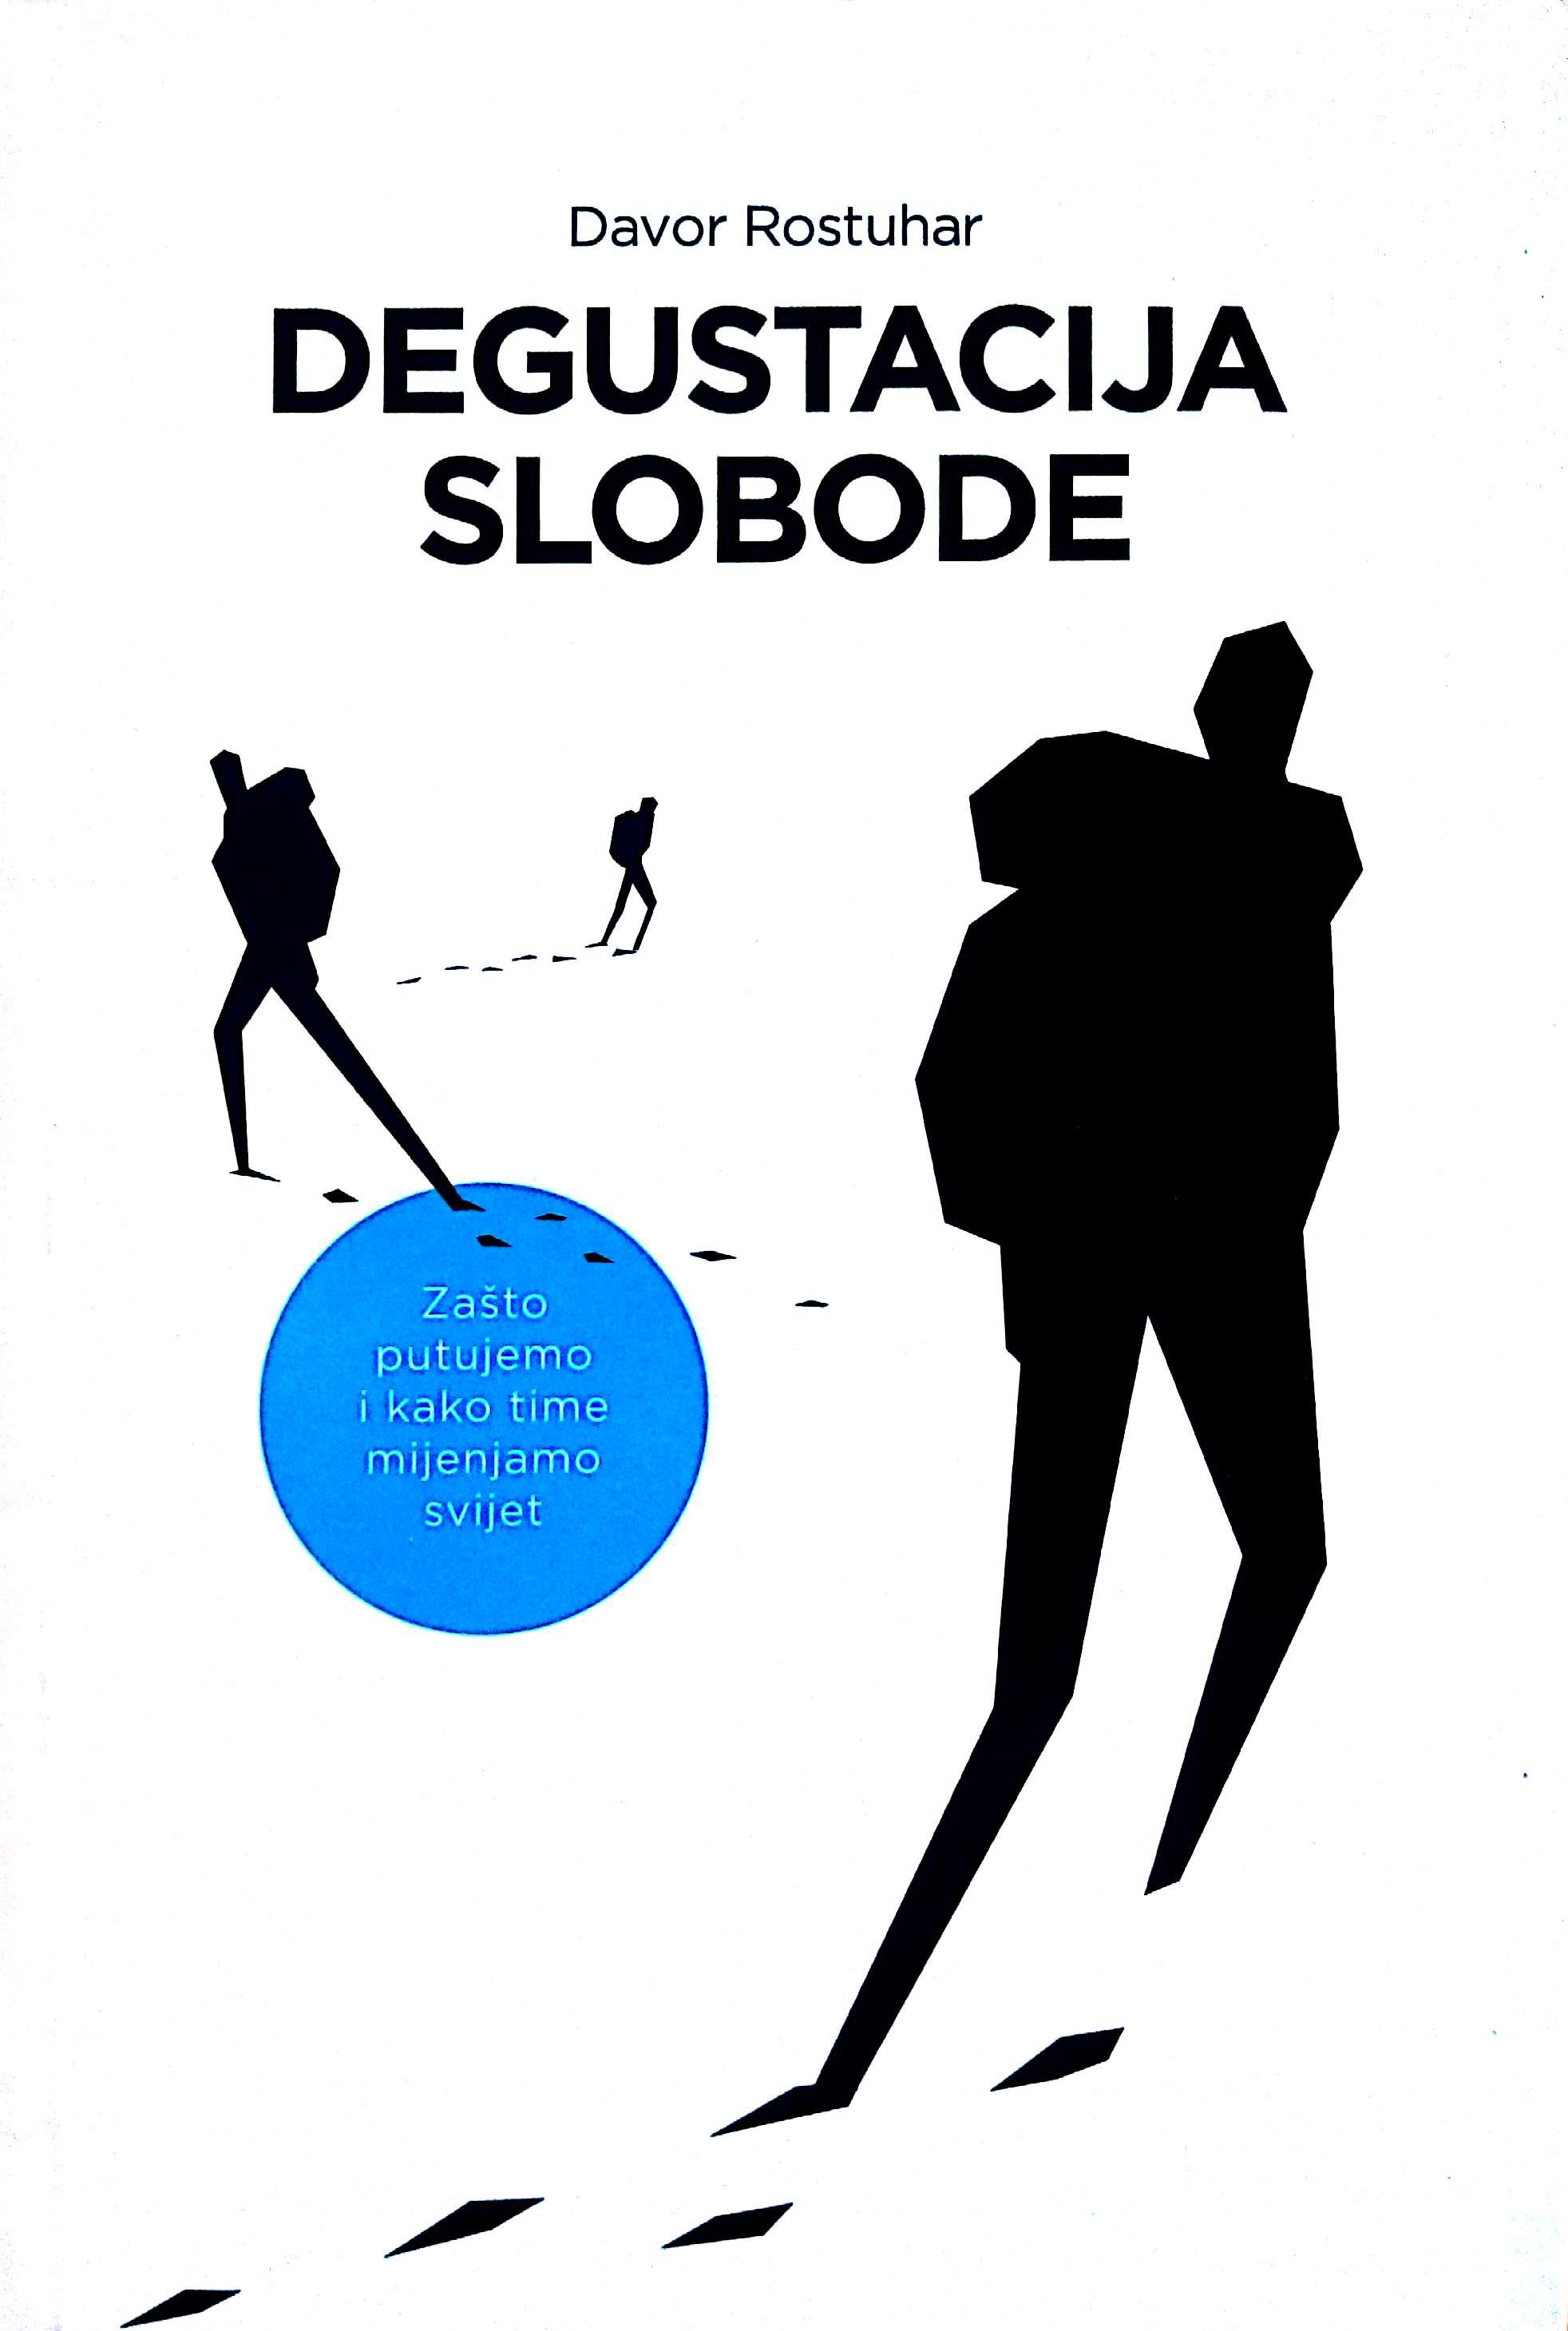 DEGUSTACIJA SLOBODE - Naruči svoju knjigu